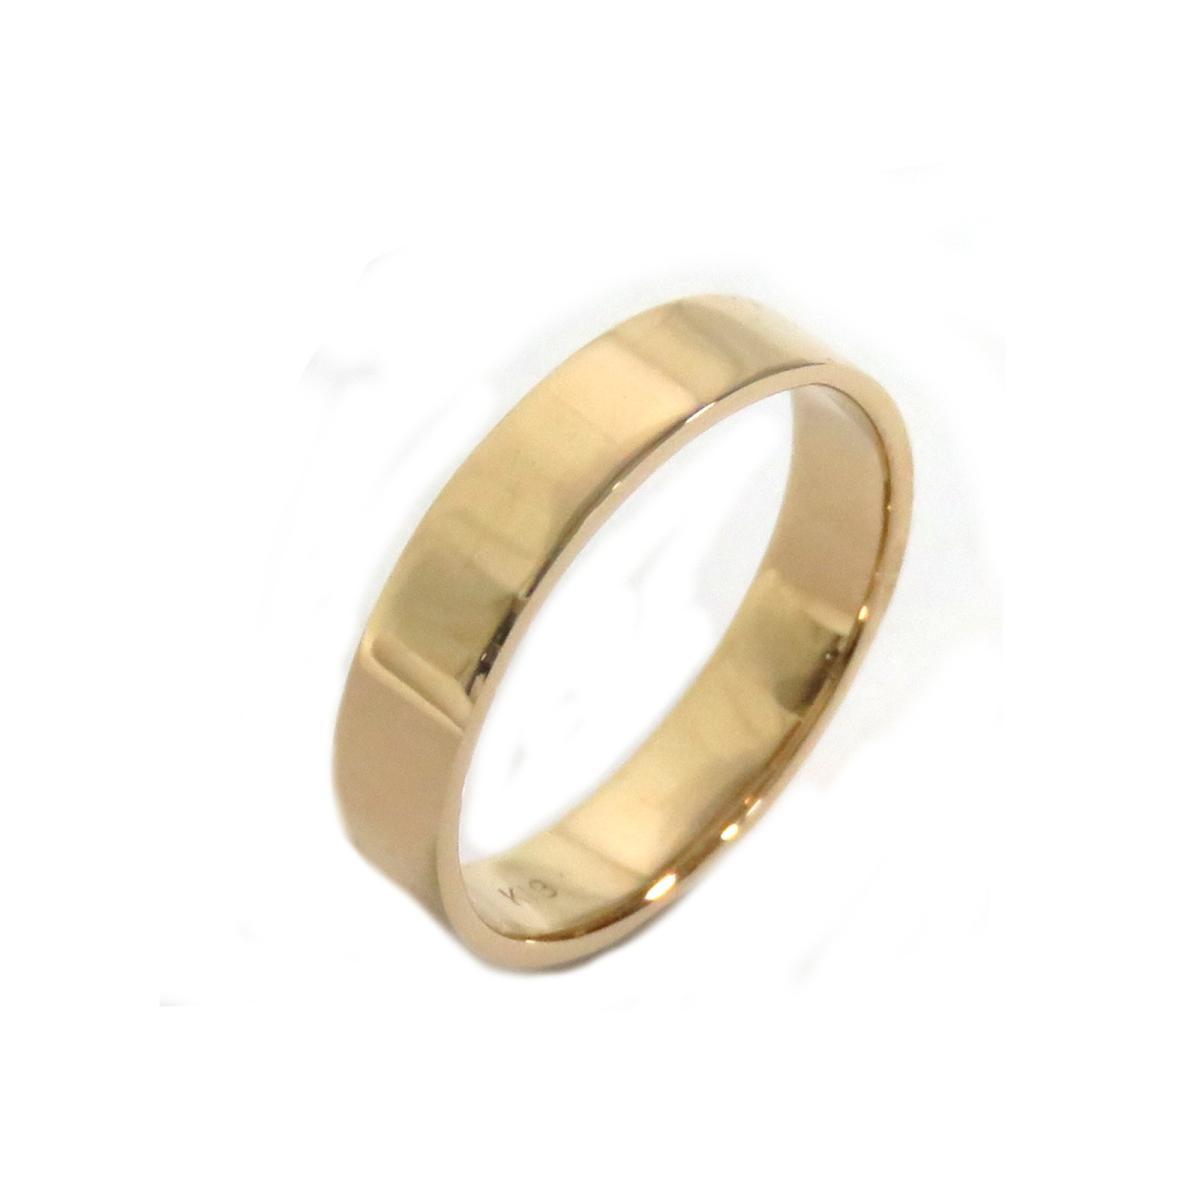 【中古】 ジュエリー リング メンズ レディース K18YG (750) イエローゴールド ゴールド (リング 指輪)   JEWELRY BRANDOFF ブランドオフ ブランド アクセサリー 指輪